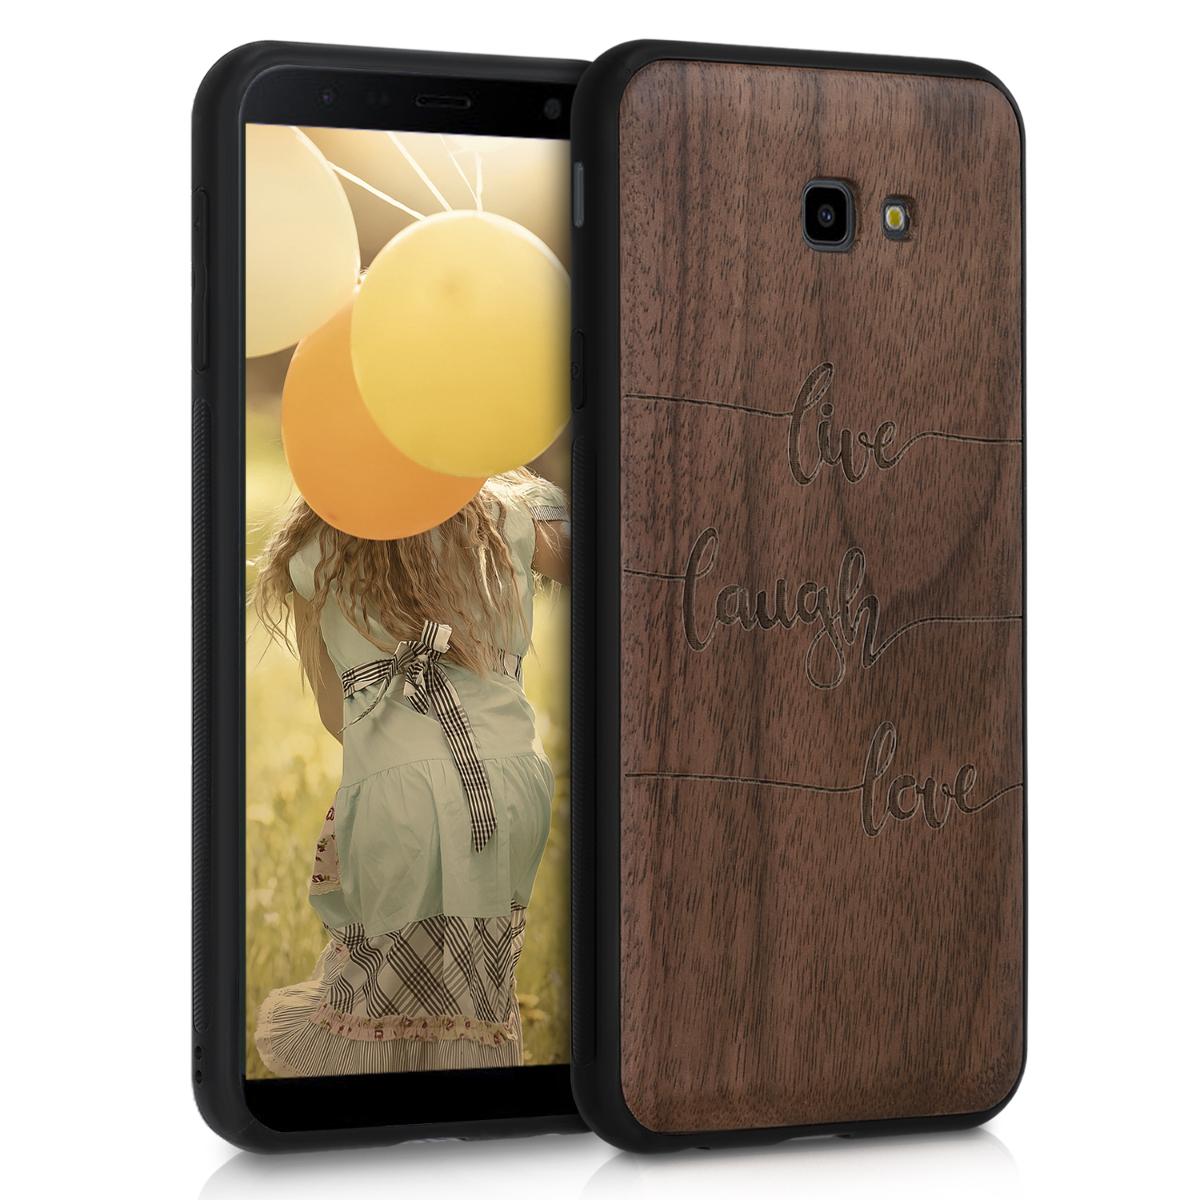 Dřevěné pouzdro pro Samsung J4+ | J4 Plus DUOS - Žít, smích, láska tmavě hnědá